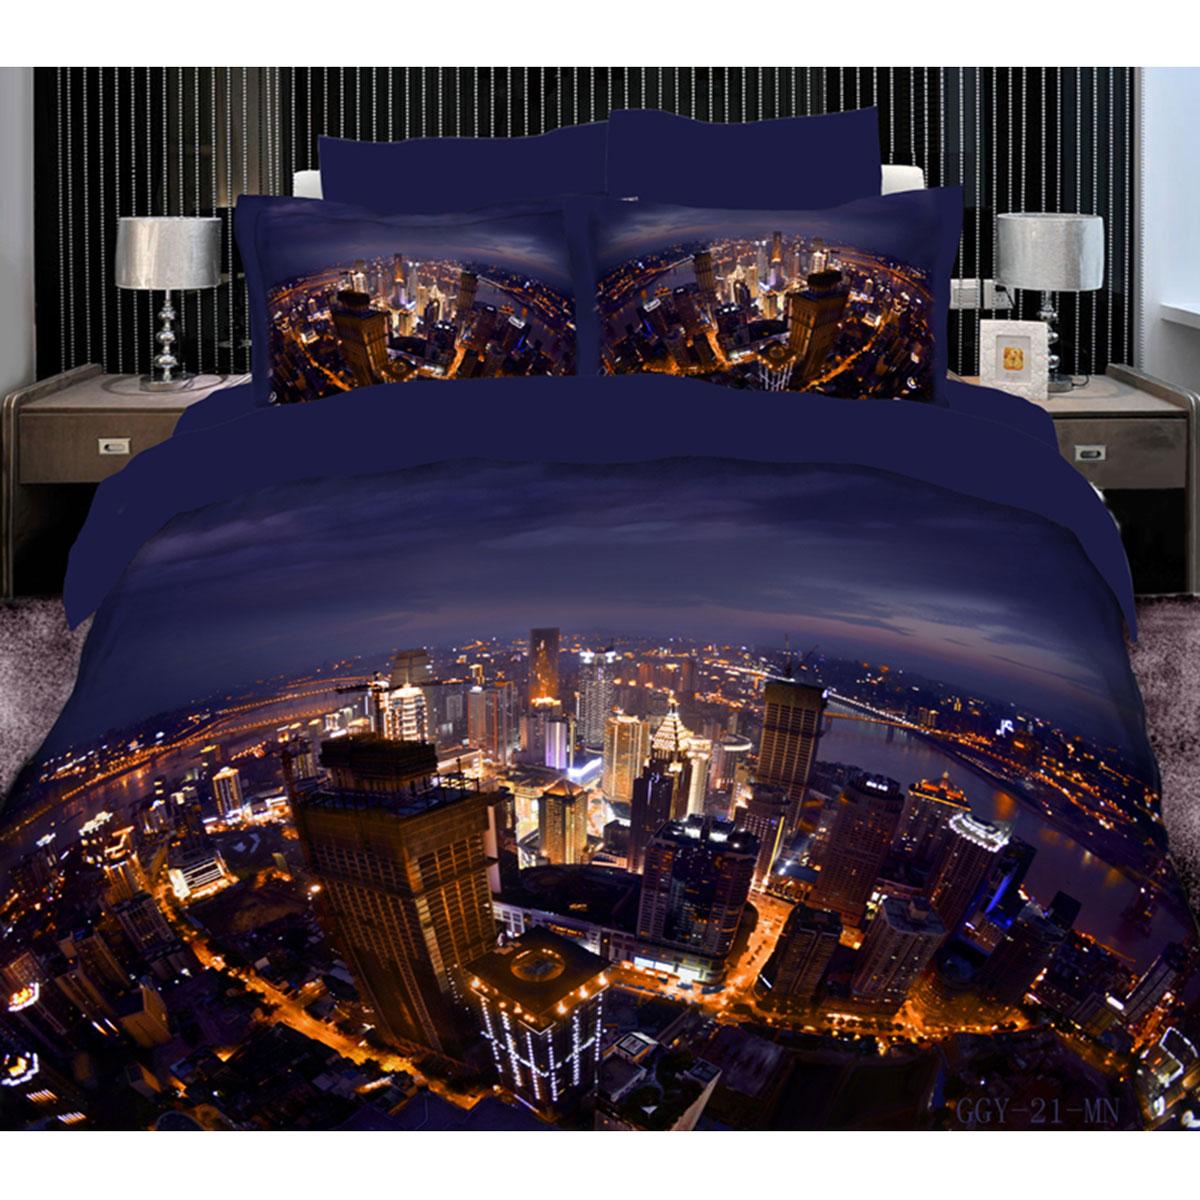 Постельное белье Коллекция Ночной город (Евро КПБ, сатин рамочный с эффектом 3D, наволочки 50х70)500_Хозяин тайгиКомплект постельного белья Коллекция Ночной город, изготовленный из рамочного сатина, поможет вам расслабиться и подарит спокойный сон. Постельное белье, оформленное 3D-изображением ночного города, имеет изысканный внешний вид и обладает яркостью и сочностью цвета. Комплект состоит из пододеяльника на молнии, простыни и двух наволочек с ушами. Благодаря такому комплекту постельного белья вы сможете создать атмосферу уюта и комфорта в вашей спальне.Сатин производится из высших сортов хлопка, а своим блеском, легкостью и на ощупь напоминает шелк. Такая ткань рассчитана на 200 стирок и более. Постельное белье из сатина превращает жаркие летние ночи в прохладные и освежающие, а холодные зимние - в теплые и согревающие. Благодаря натуральному хлопку, комплект постельного белья из сатина приобретает способность пропускать воздух, давая возможность телу дышать. Одно из преимуществ материала в том, что он практически не мнется и ваша спальня всегда будет аккуратной и нарядной. Характеристики: Страна: Россия. Материал: сатин (100% хлопок). Размер упаковки: 35 см х 30 см х 8 см. В комплект входят: Пододеяльник - 1 шт. Размер: 200 см х 220 см. Простыня - 1 шт. Размер: 240 см х 240 см. Наволочка с ушами - 2 шт. Размер: 50 см х 70 см. Высокие свойства белья торговой марки Коллекция основаны на умелом использовании вековых традиций и современных технологий производства и обработки тканей. Качество исходных материалов, внимание к деталям отделки, отличный пошив, воплощение новейших тенденций мировой моды позволяют постельному белью гармонично влиться в современное жизненное пространство и подарить ощущения удовольствия и комфорта. УВАЖАЕМЫЕ КЛИЕНТЫ! Обращаем ваше внимание, на тот факт, что изображенный на фотографии комплект постельного белья служит для демонстрации целого комплекта. Производитель оставляет за собой право без предупреждения изменять расцветку наволочек 